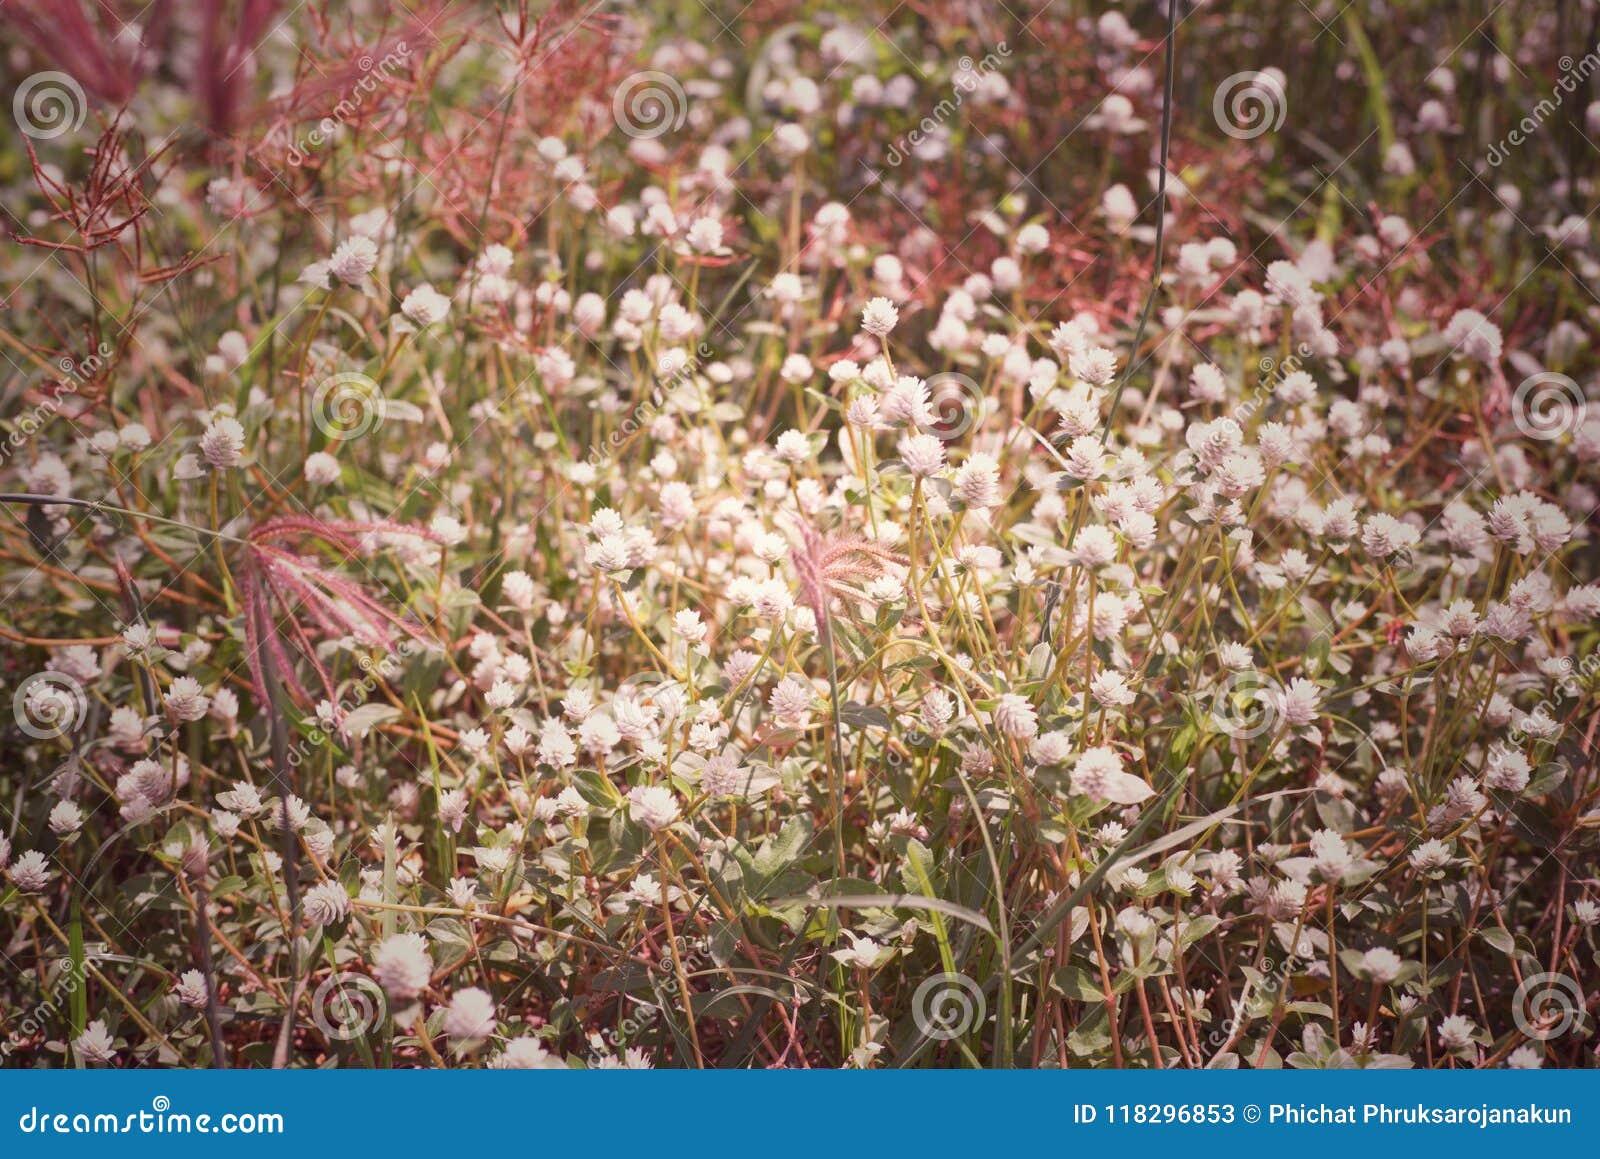 El fondo abstracto del vintage de la hierba de la flor y la mala hierba en el prado colocan